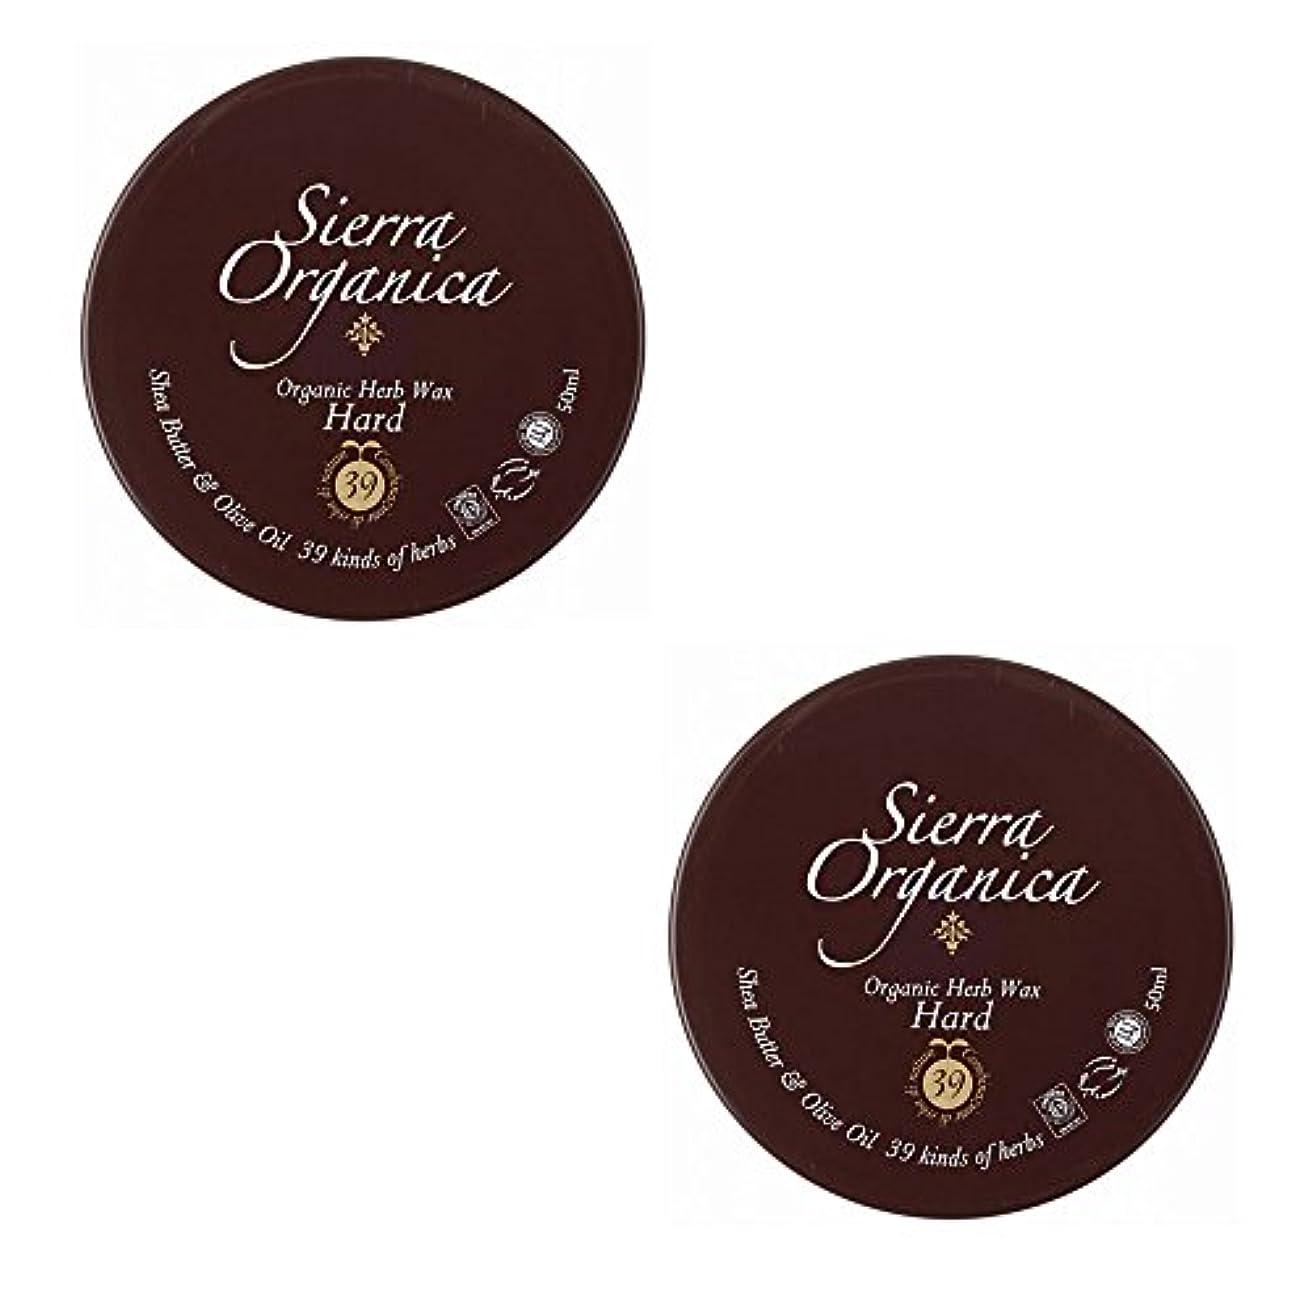 引き出し縫い目提供するシエラオーガニカ S&O オーガニックハーブワックス ハード 50ml 2個セット